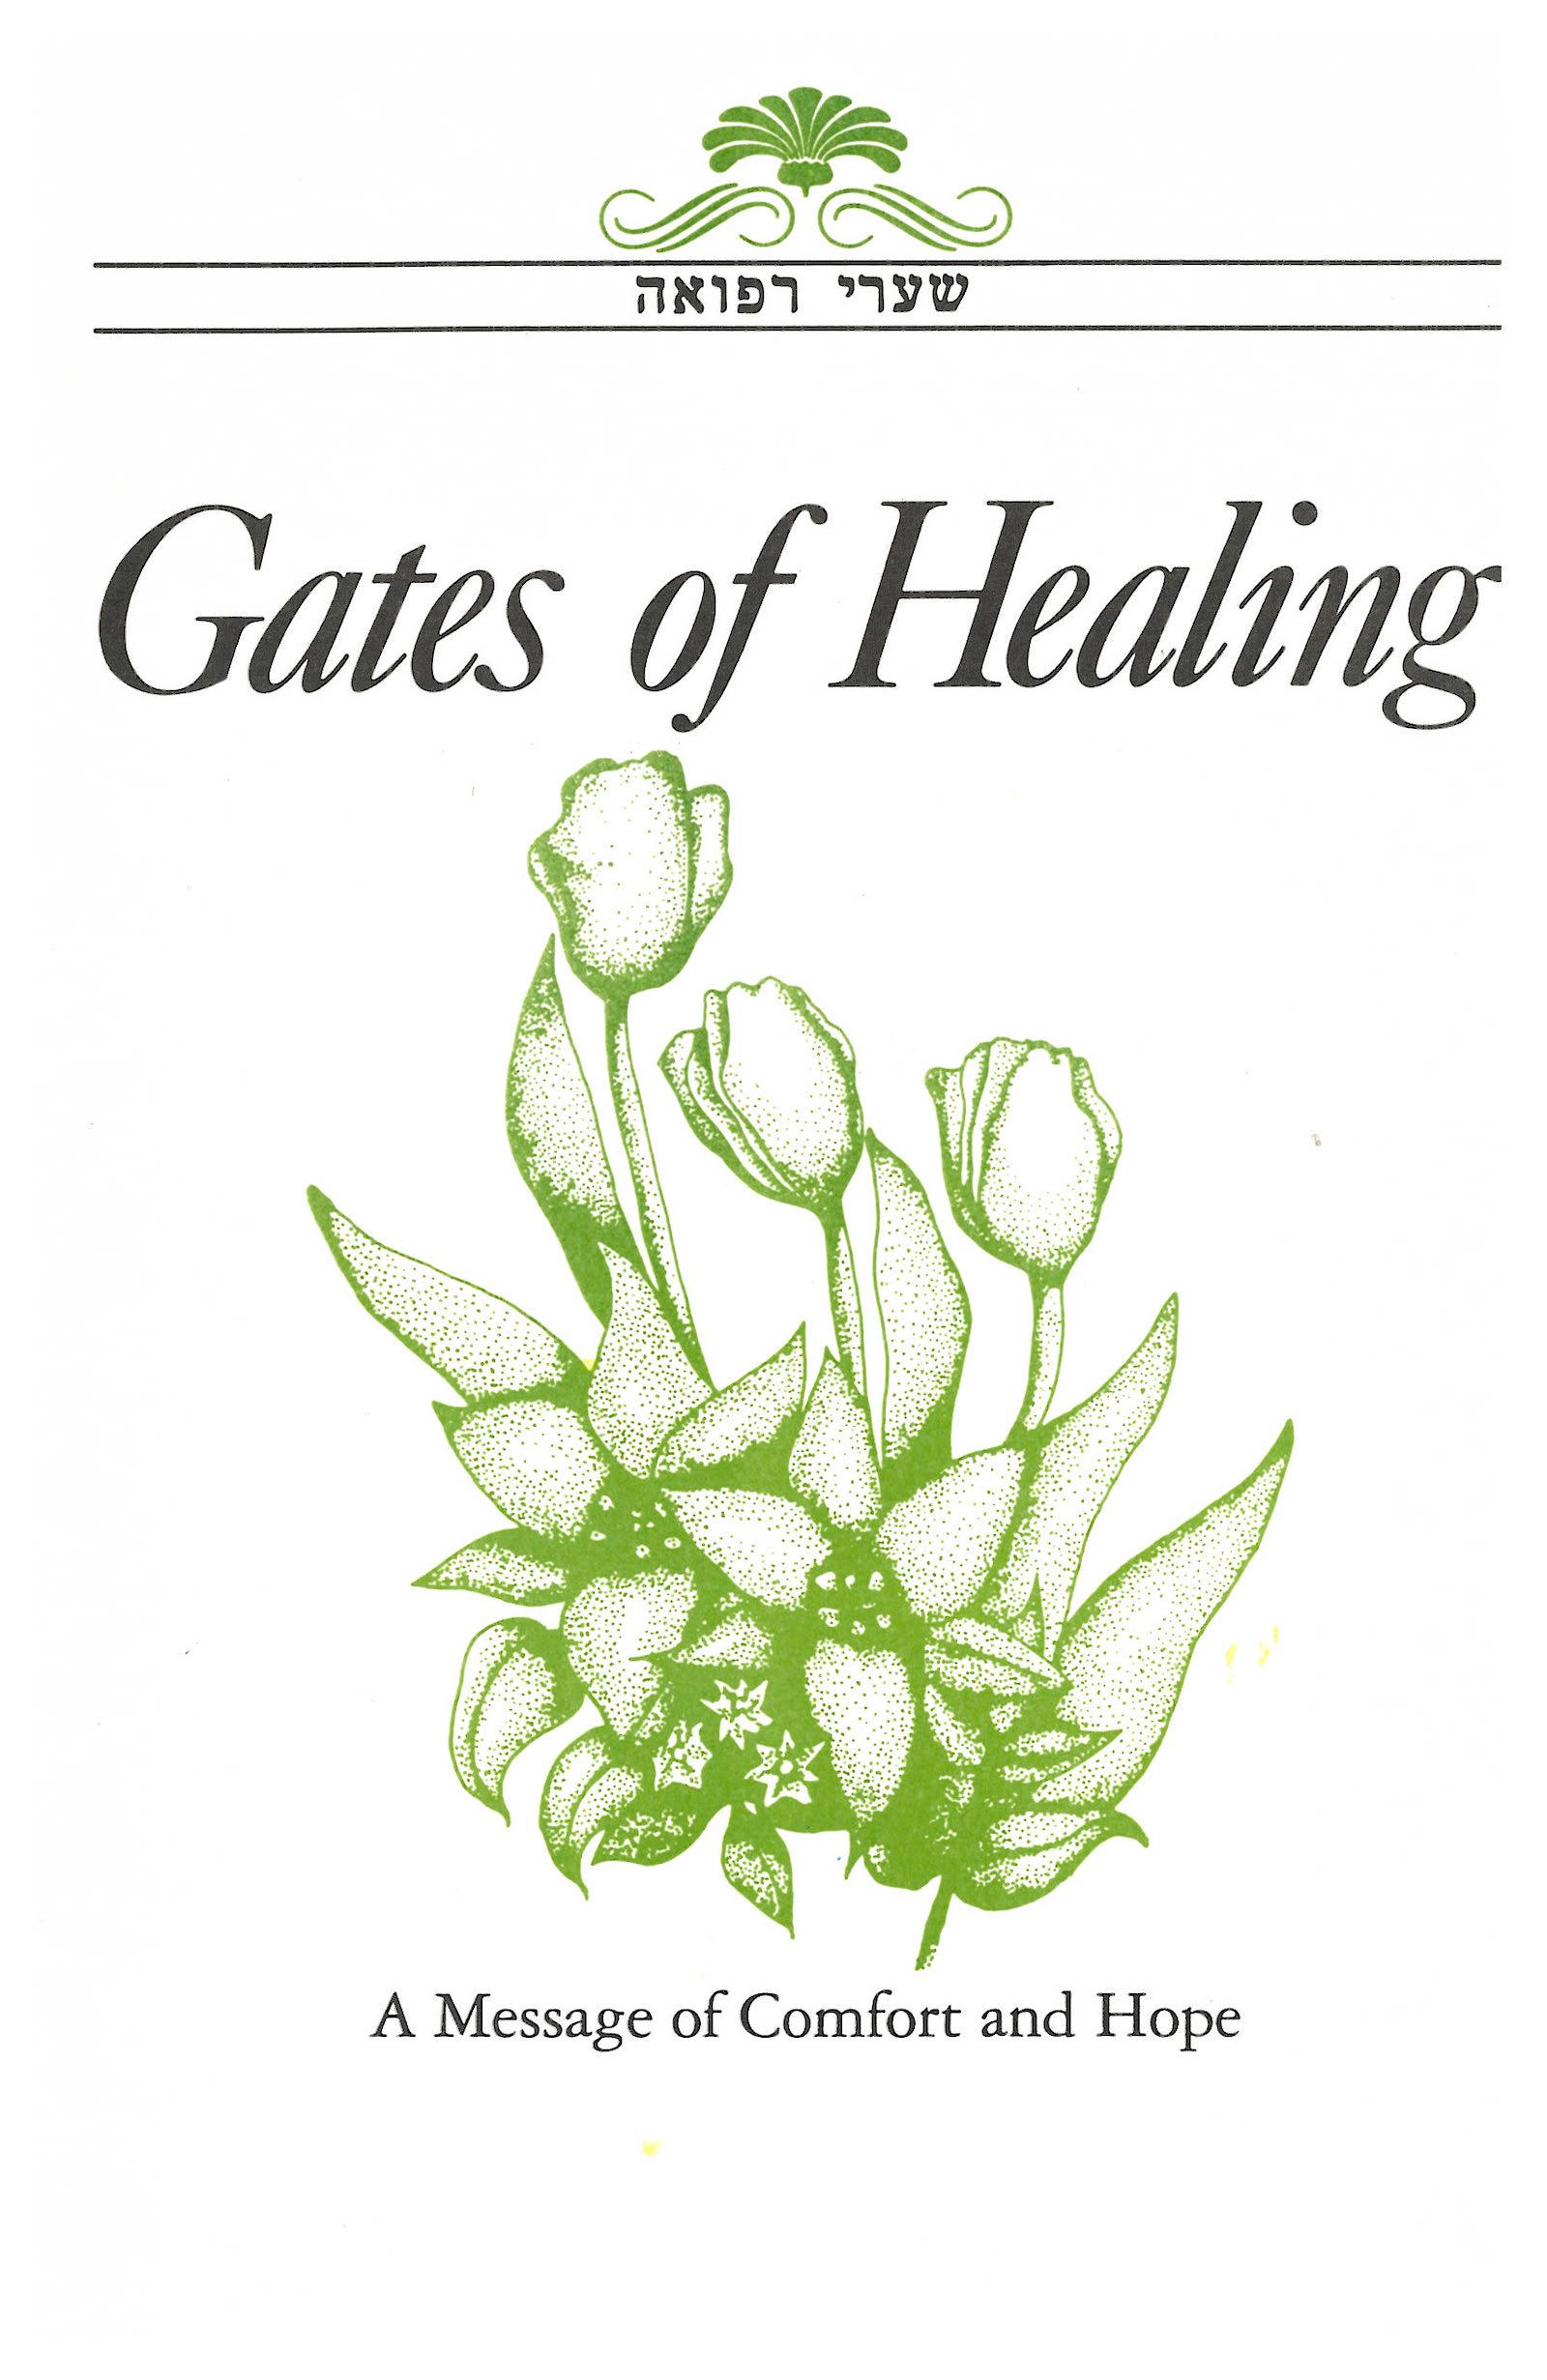 Gates of Healing